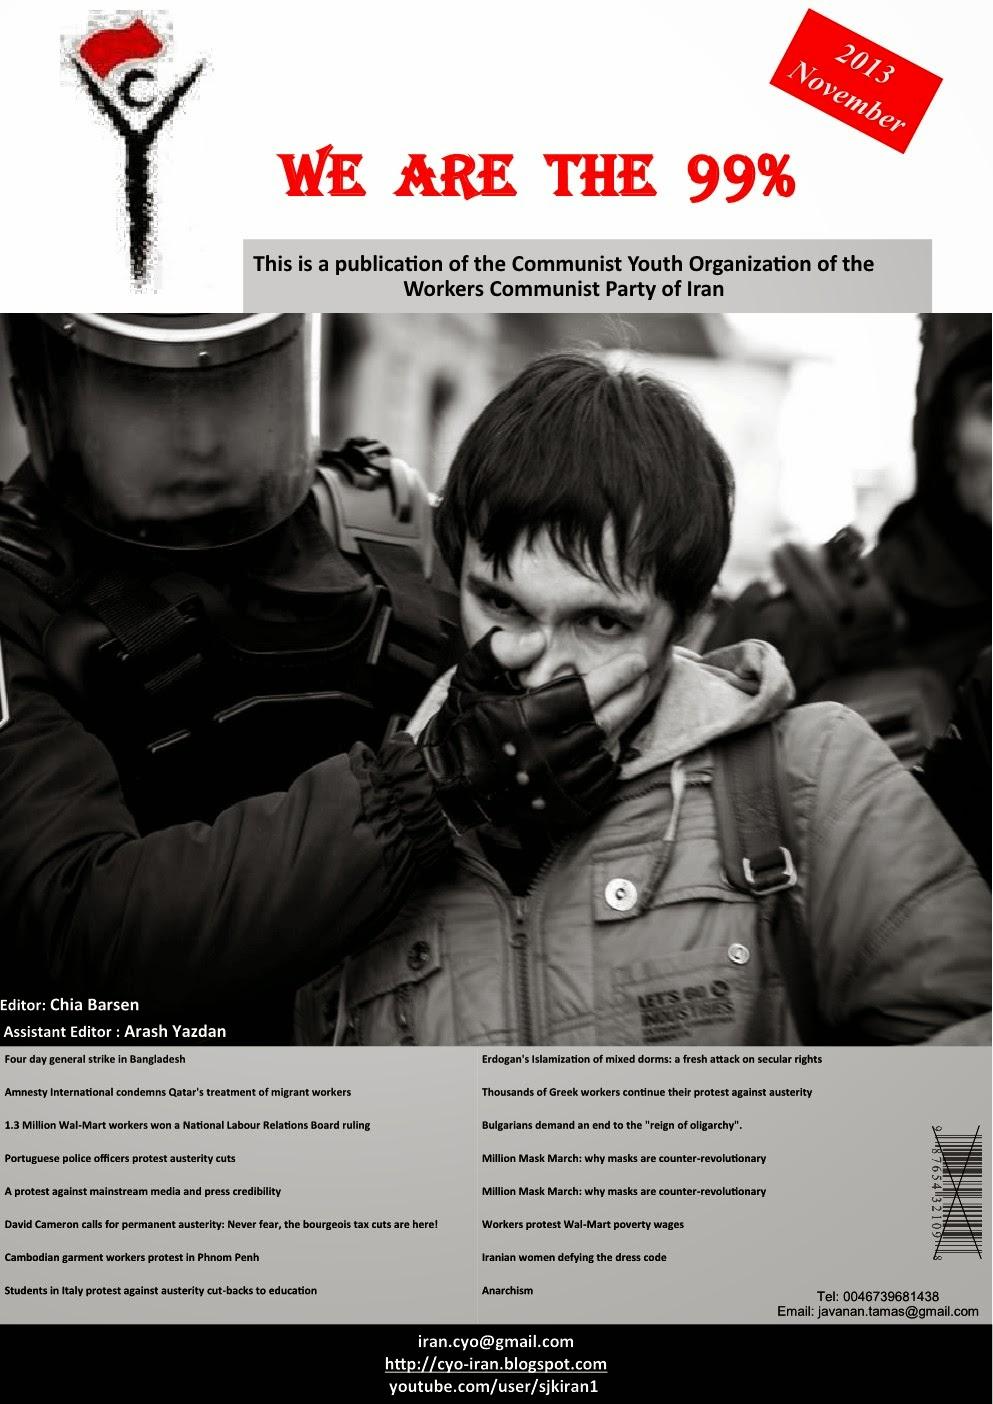 ماهنامه we are 99% شماره 11، نوامبر 2013